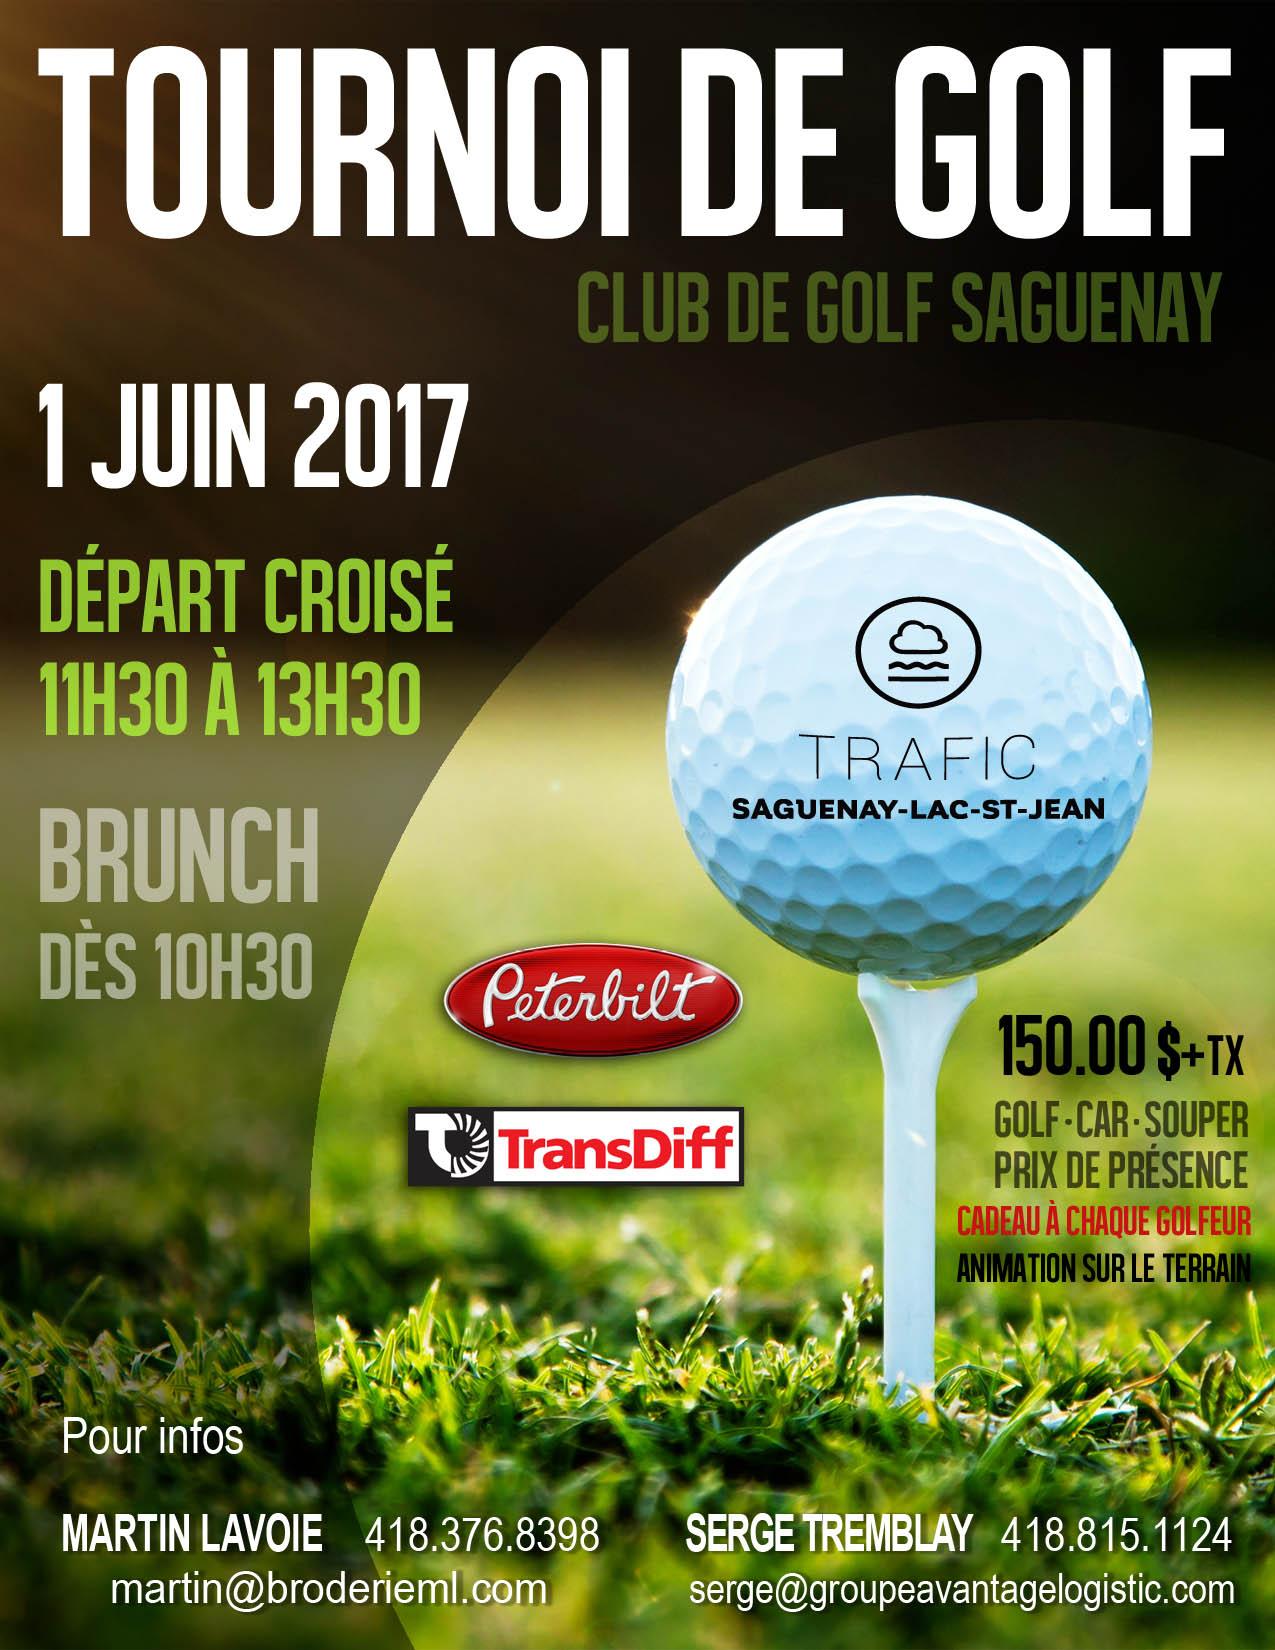 Tournoi de golf Trafic 2017